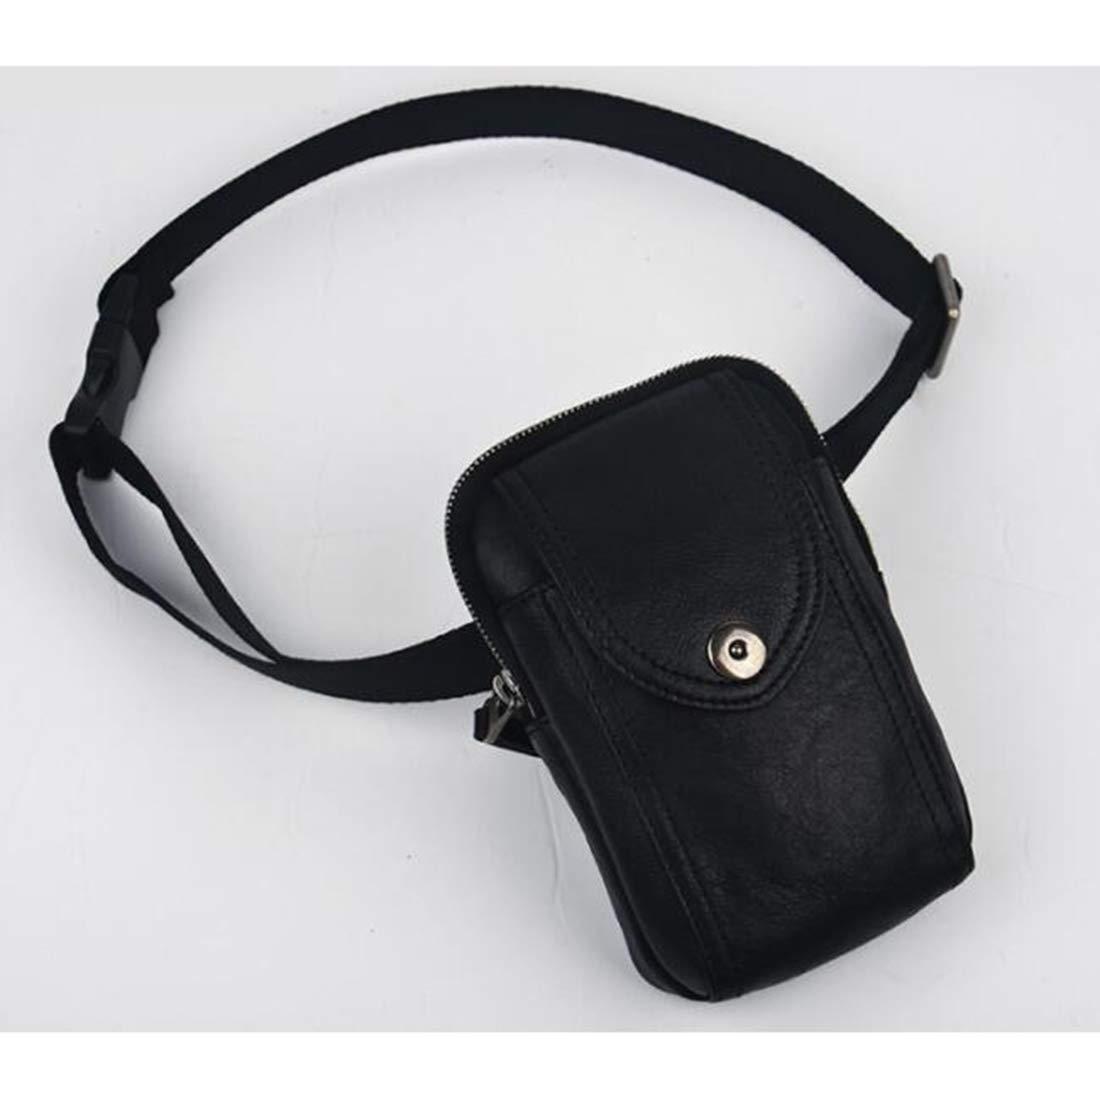 Jiuyizhe Gürteltasche West Pouch Body Bag Handy-Multifunktions-Tasche für Männer